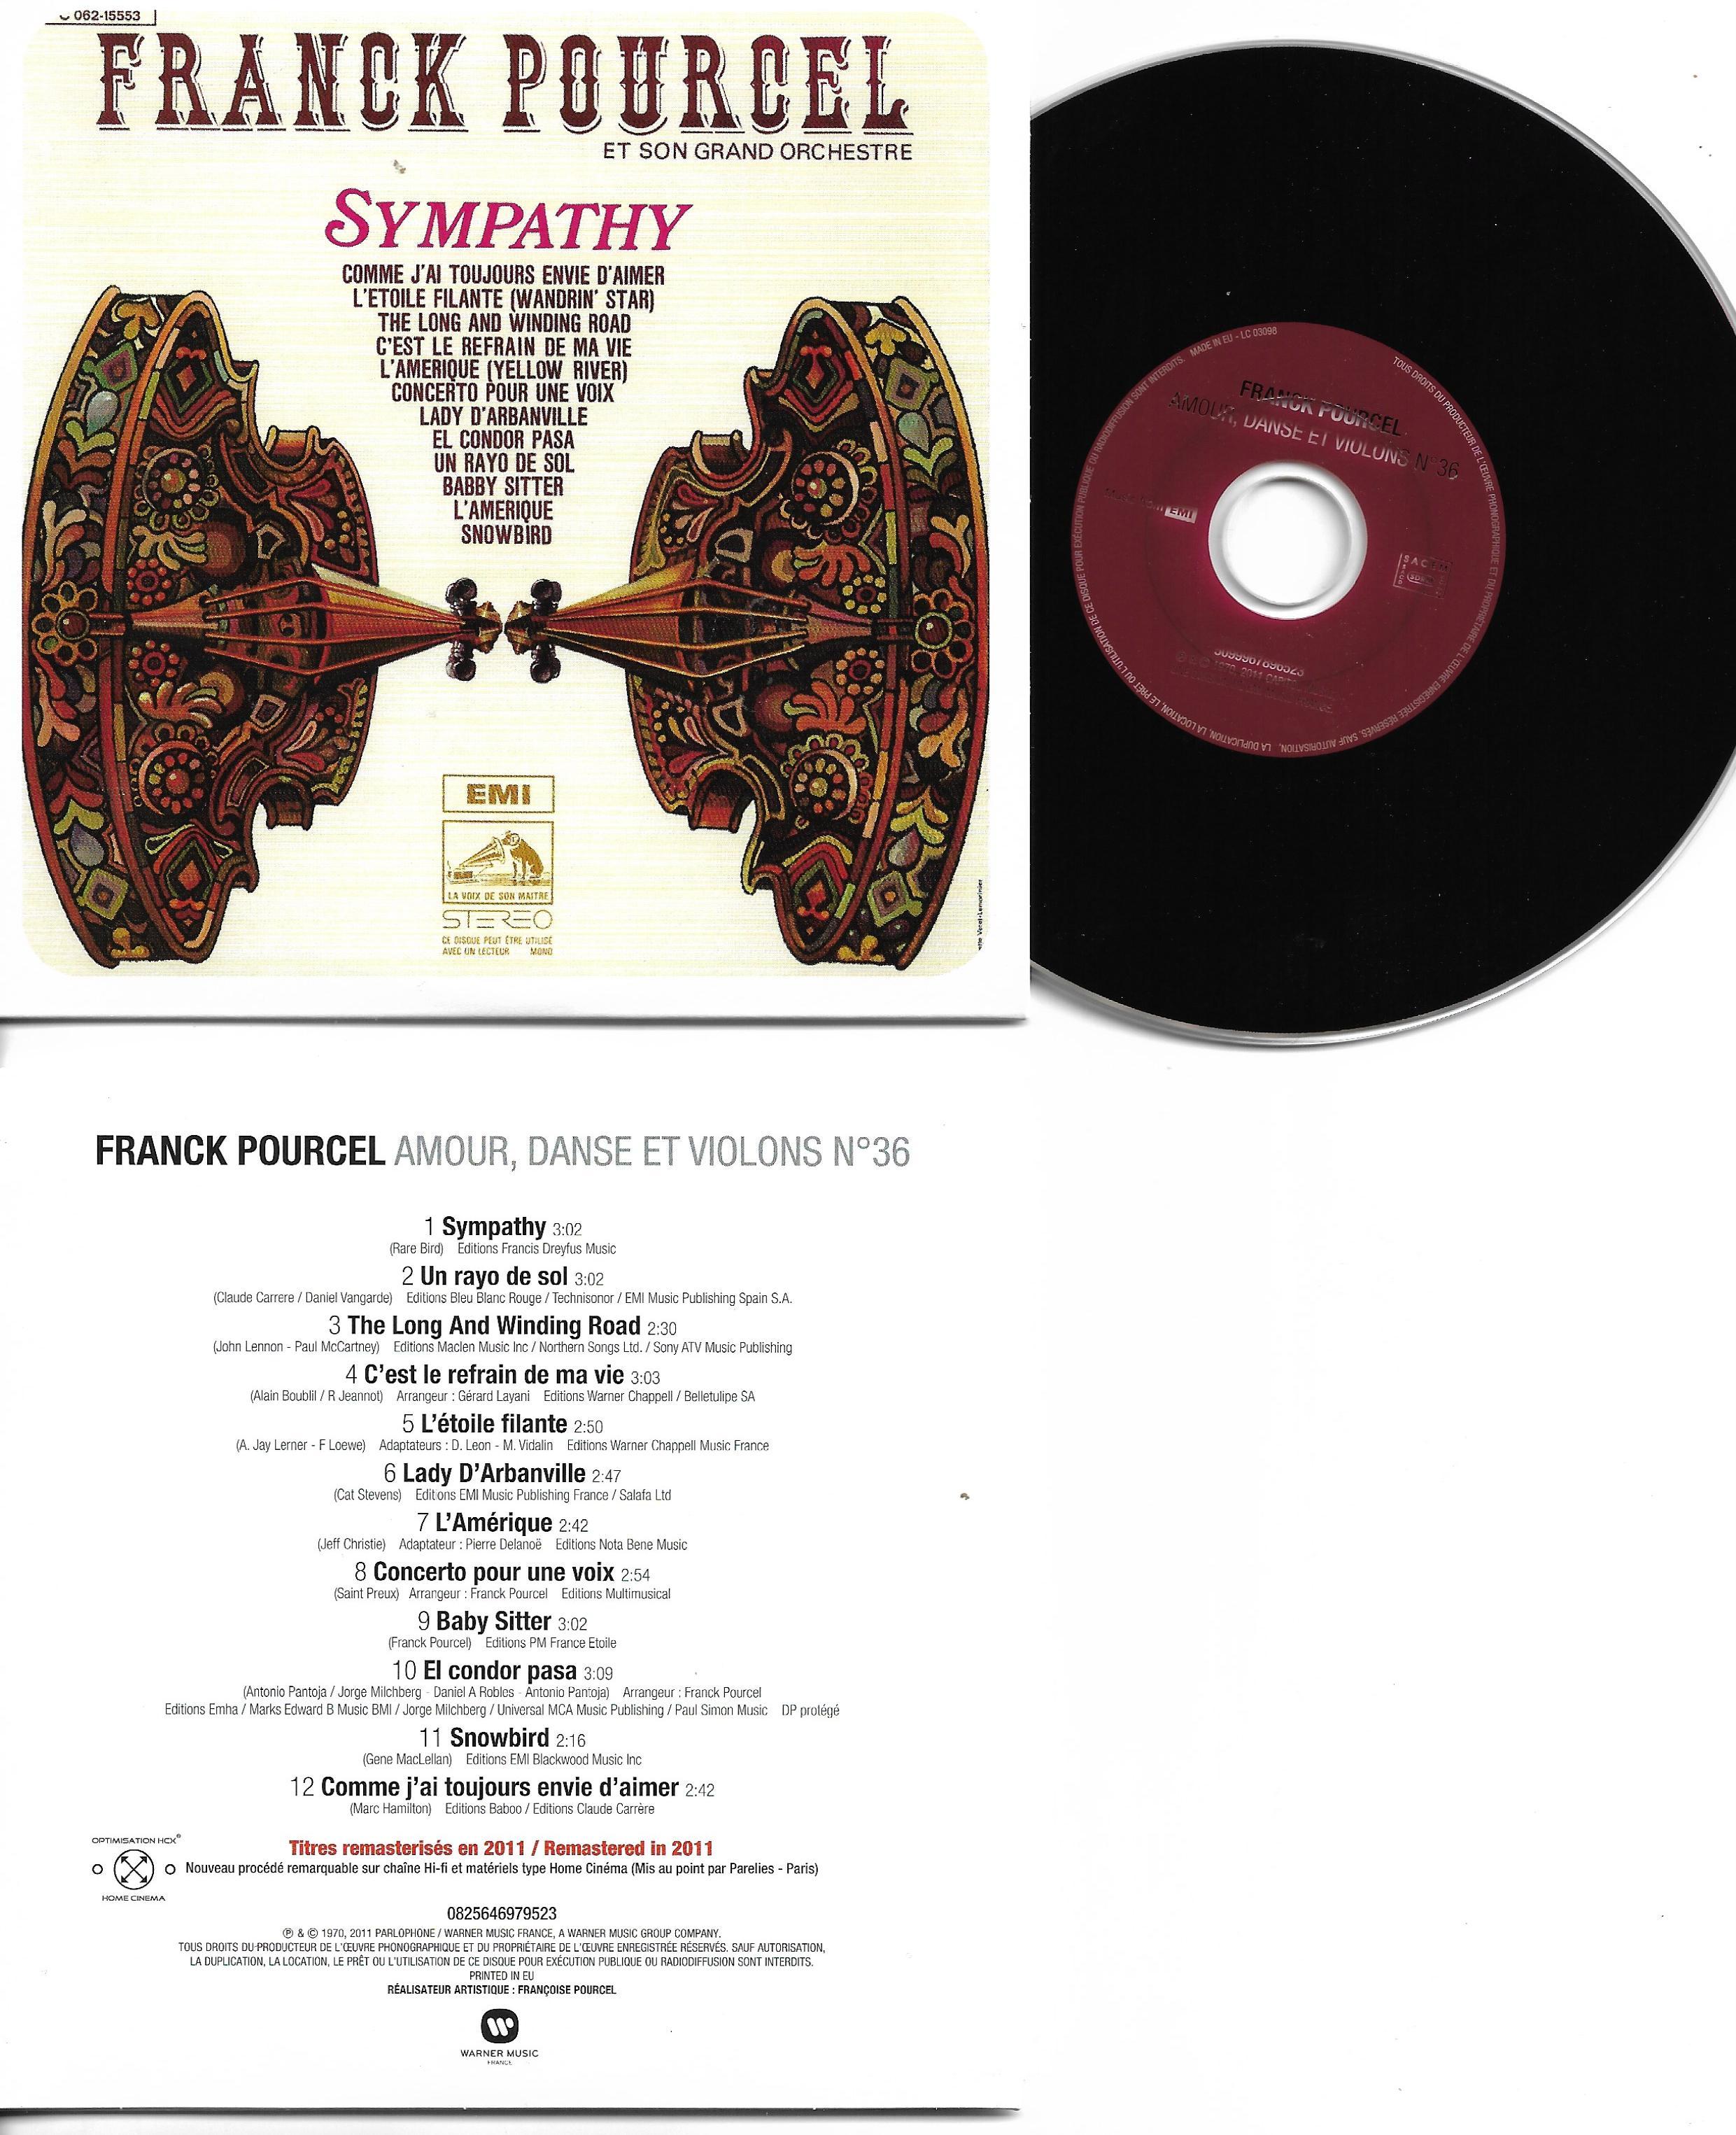 Franck POURCEL - Amour Danse Et Violons N°36 (1970 - Mini Lp Replica - 12-track Card Sleeve)